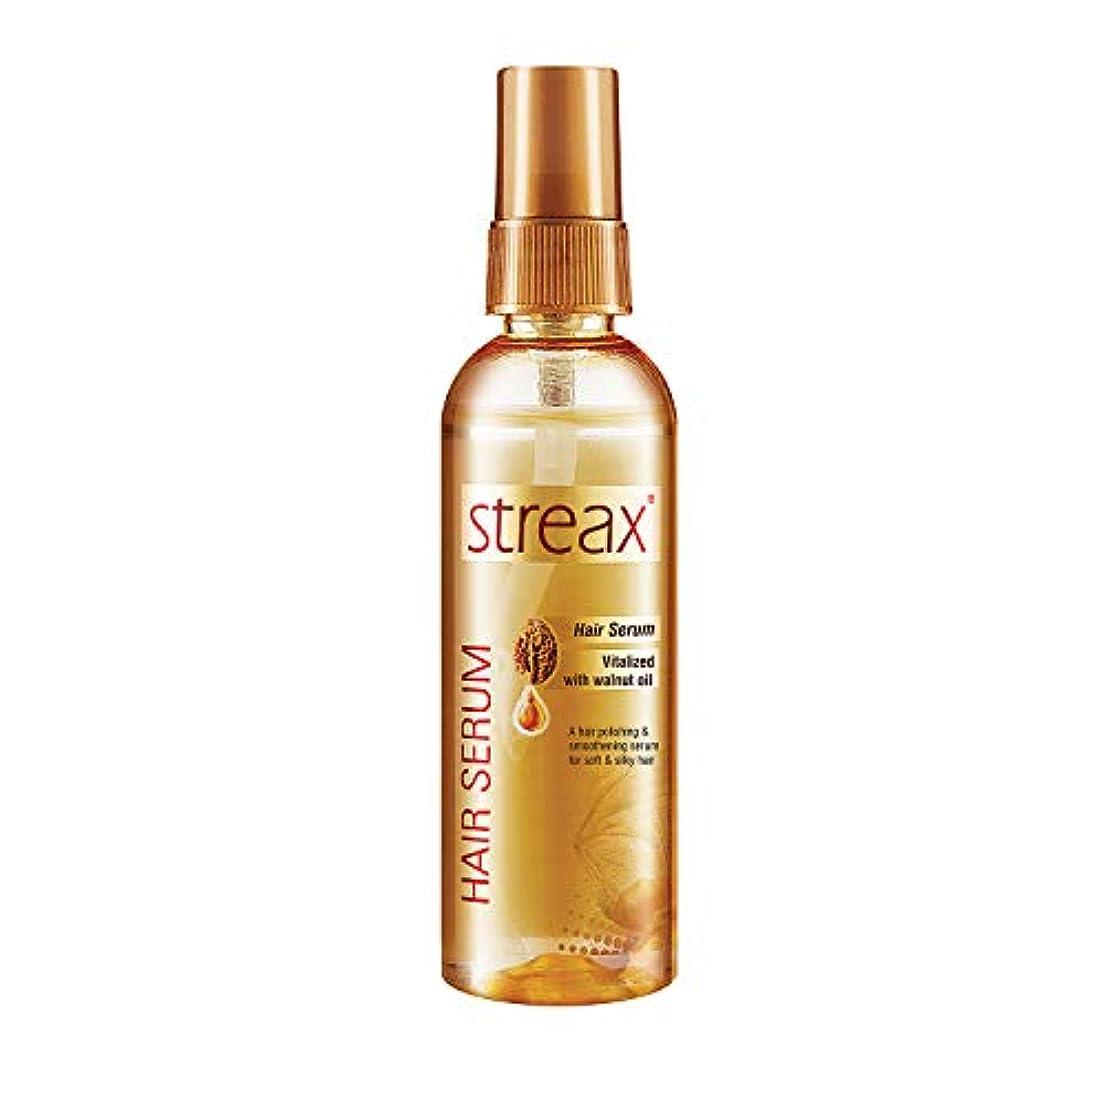 ジャンプするバタフライペダルクルミオイルで強化しStreax髪血清は縮れフリーサテンスムースヘア100ミリリットルを提供します( 3.5オンス)Streax Hair Serum Enriched with Walnut Oil Gives Frizz-free...